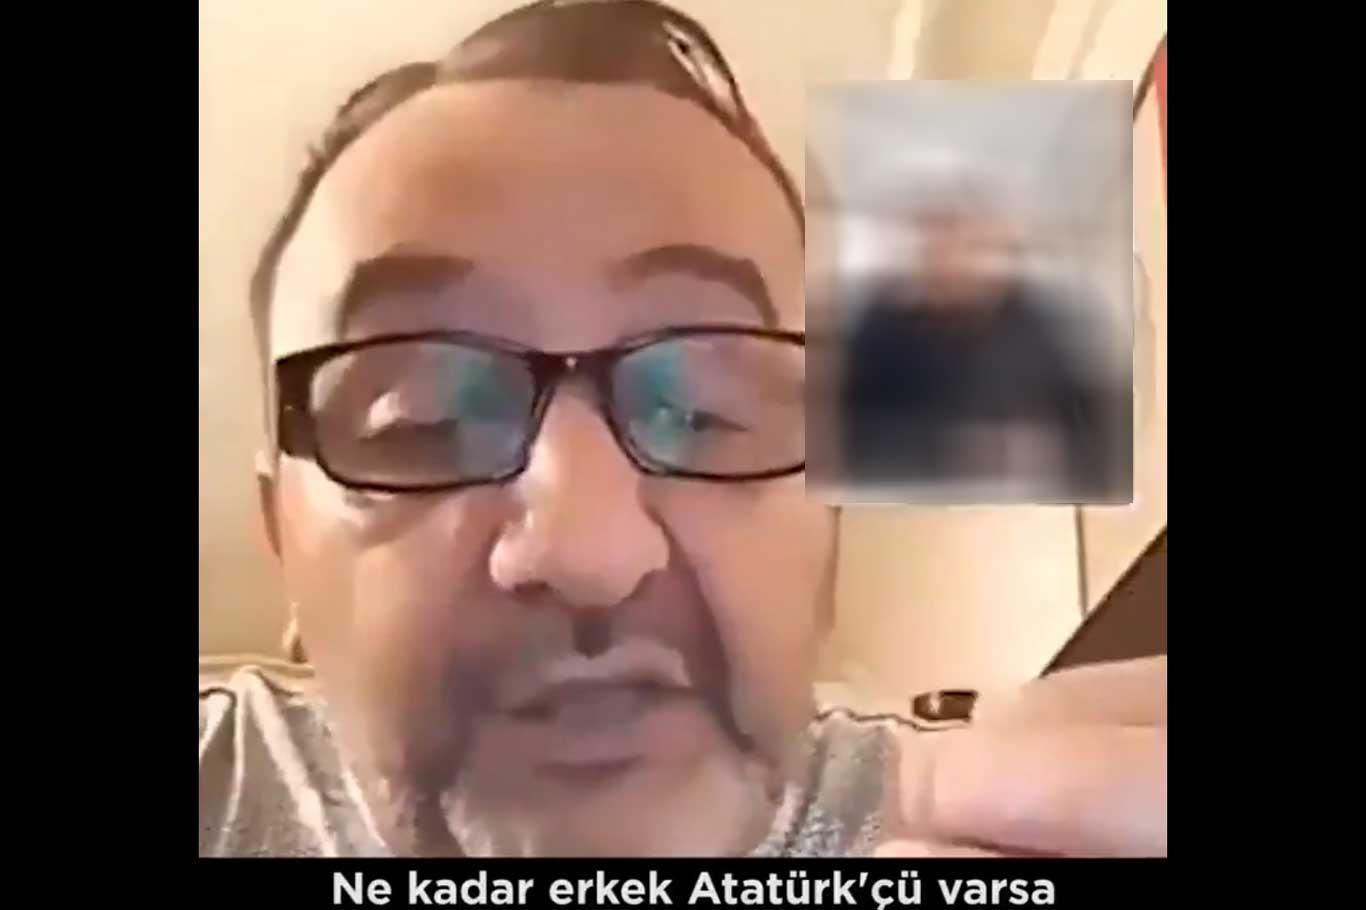 Küfürbaz Kemalist yeniden gözaltında.